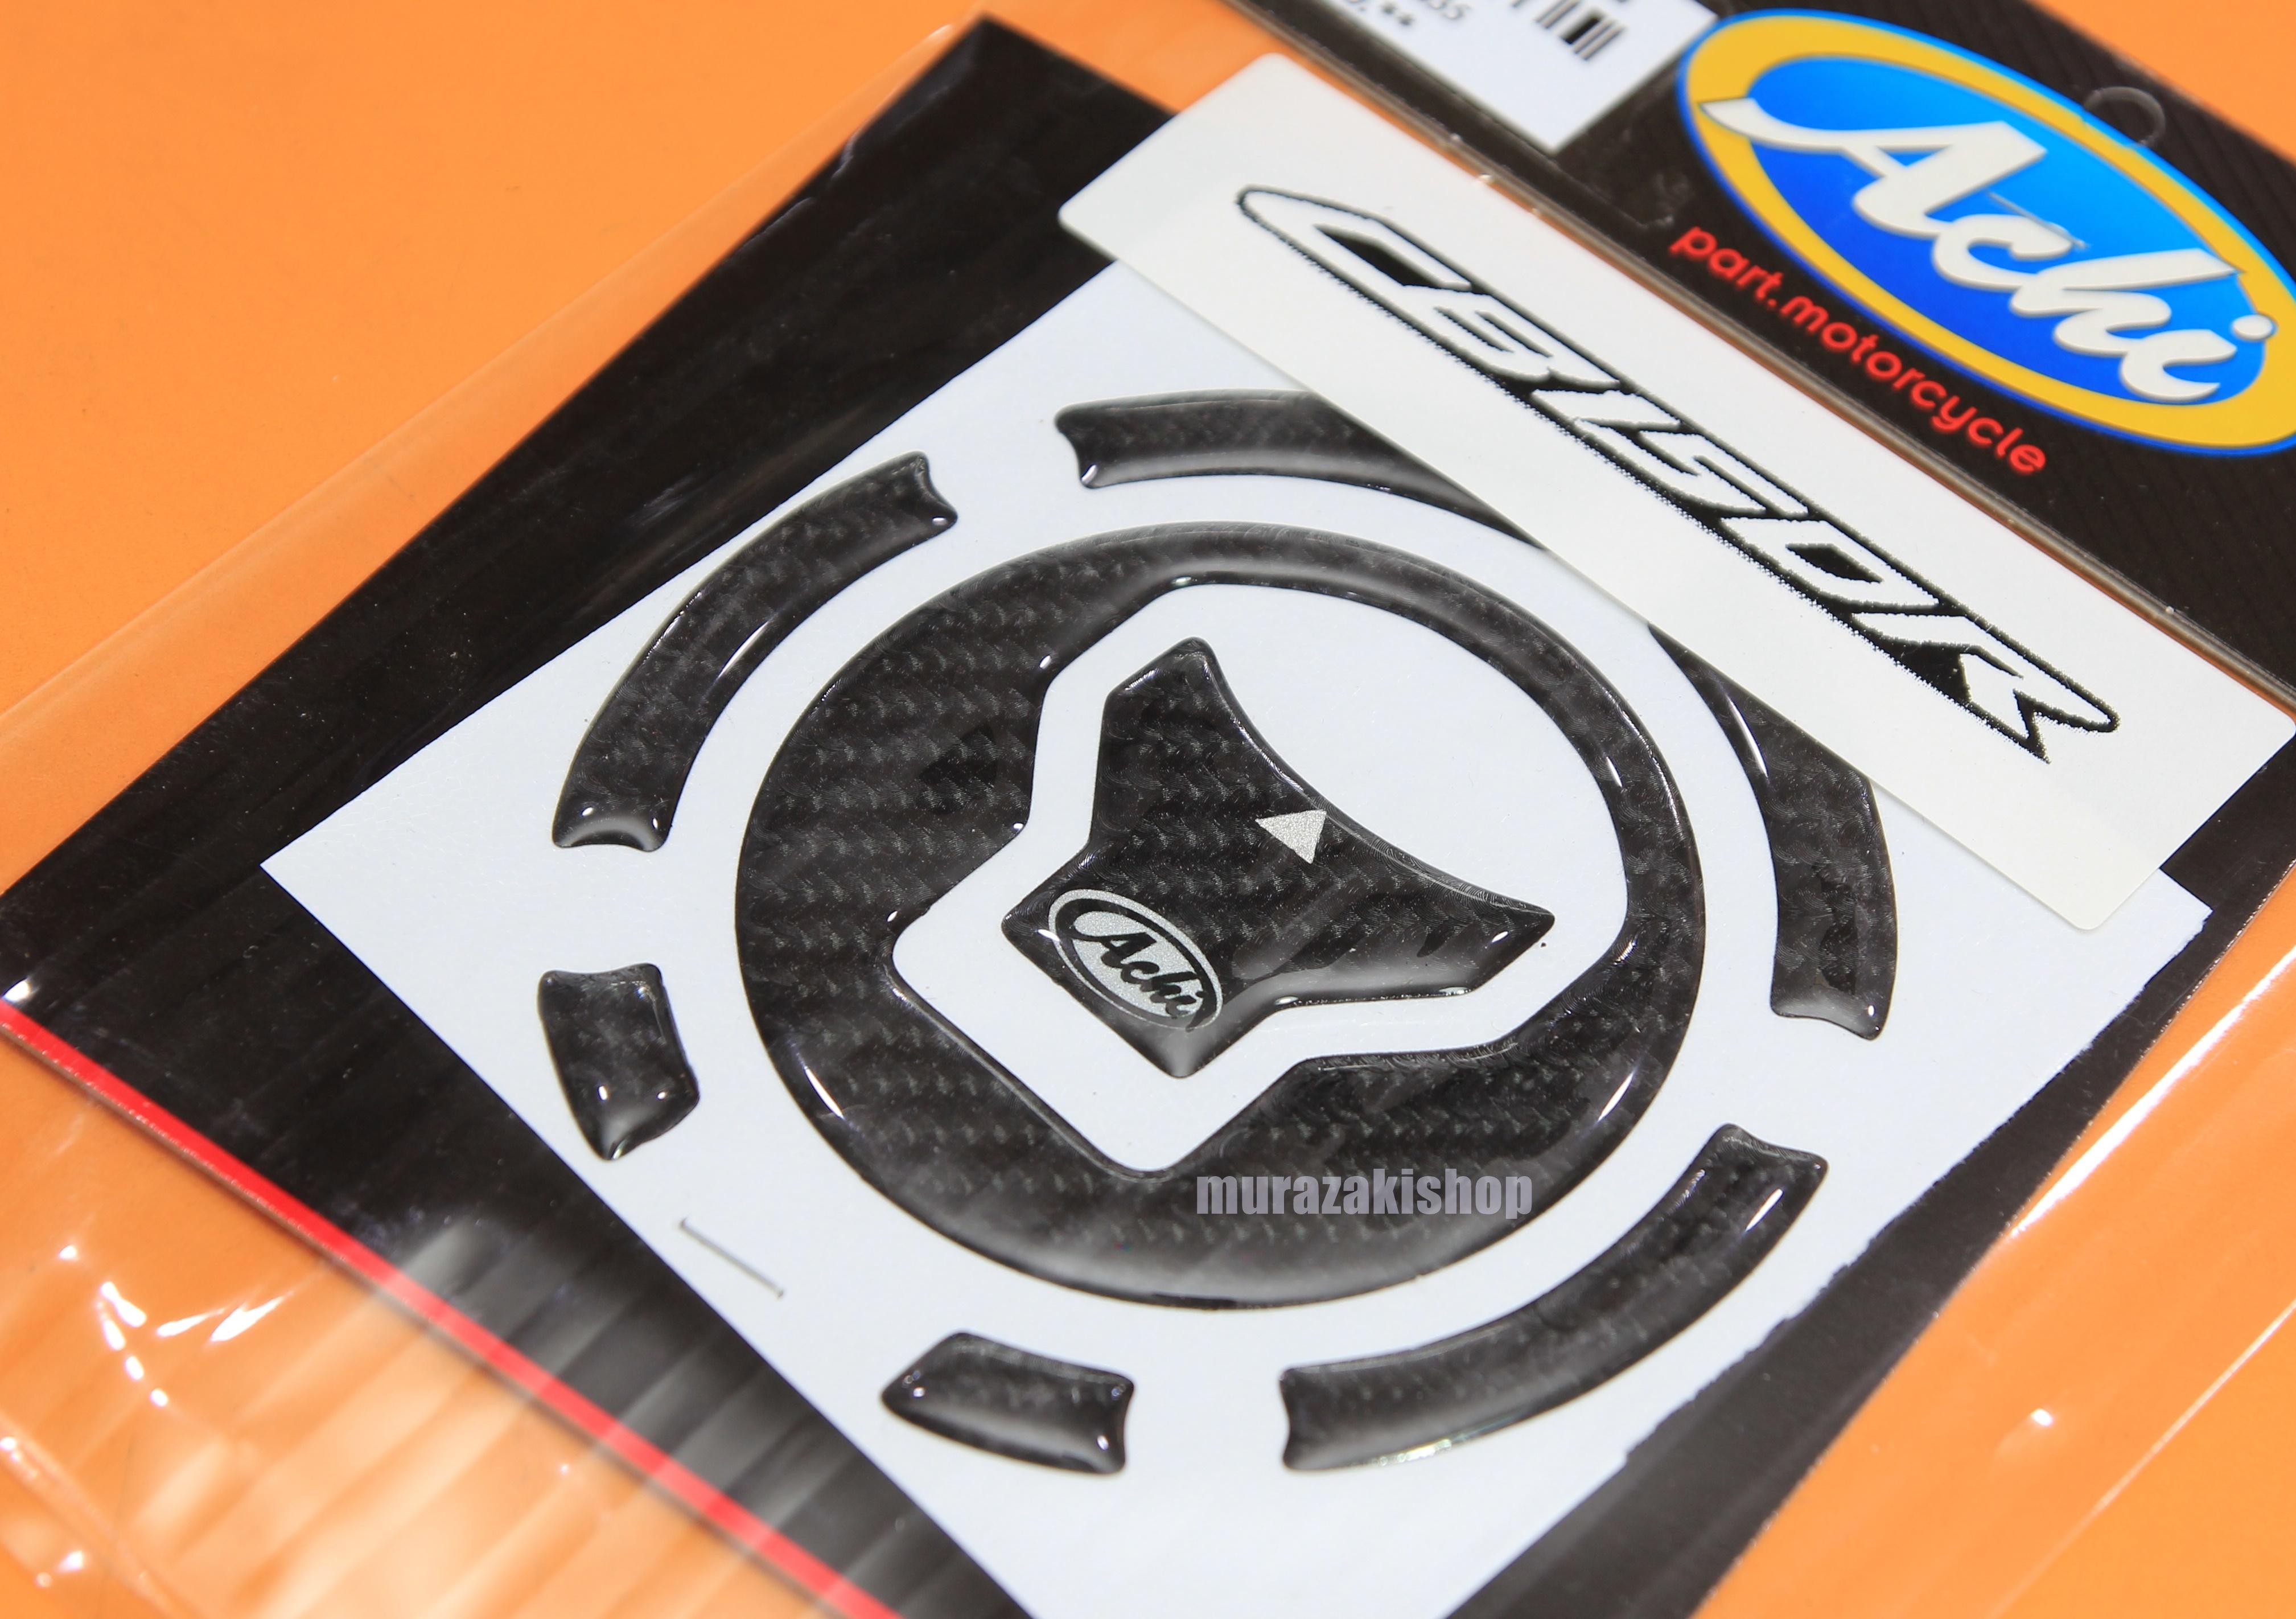 กันรอยฝาถัง CB 150R EXMOTION ACHI ราคา250